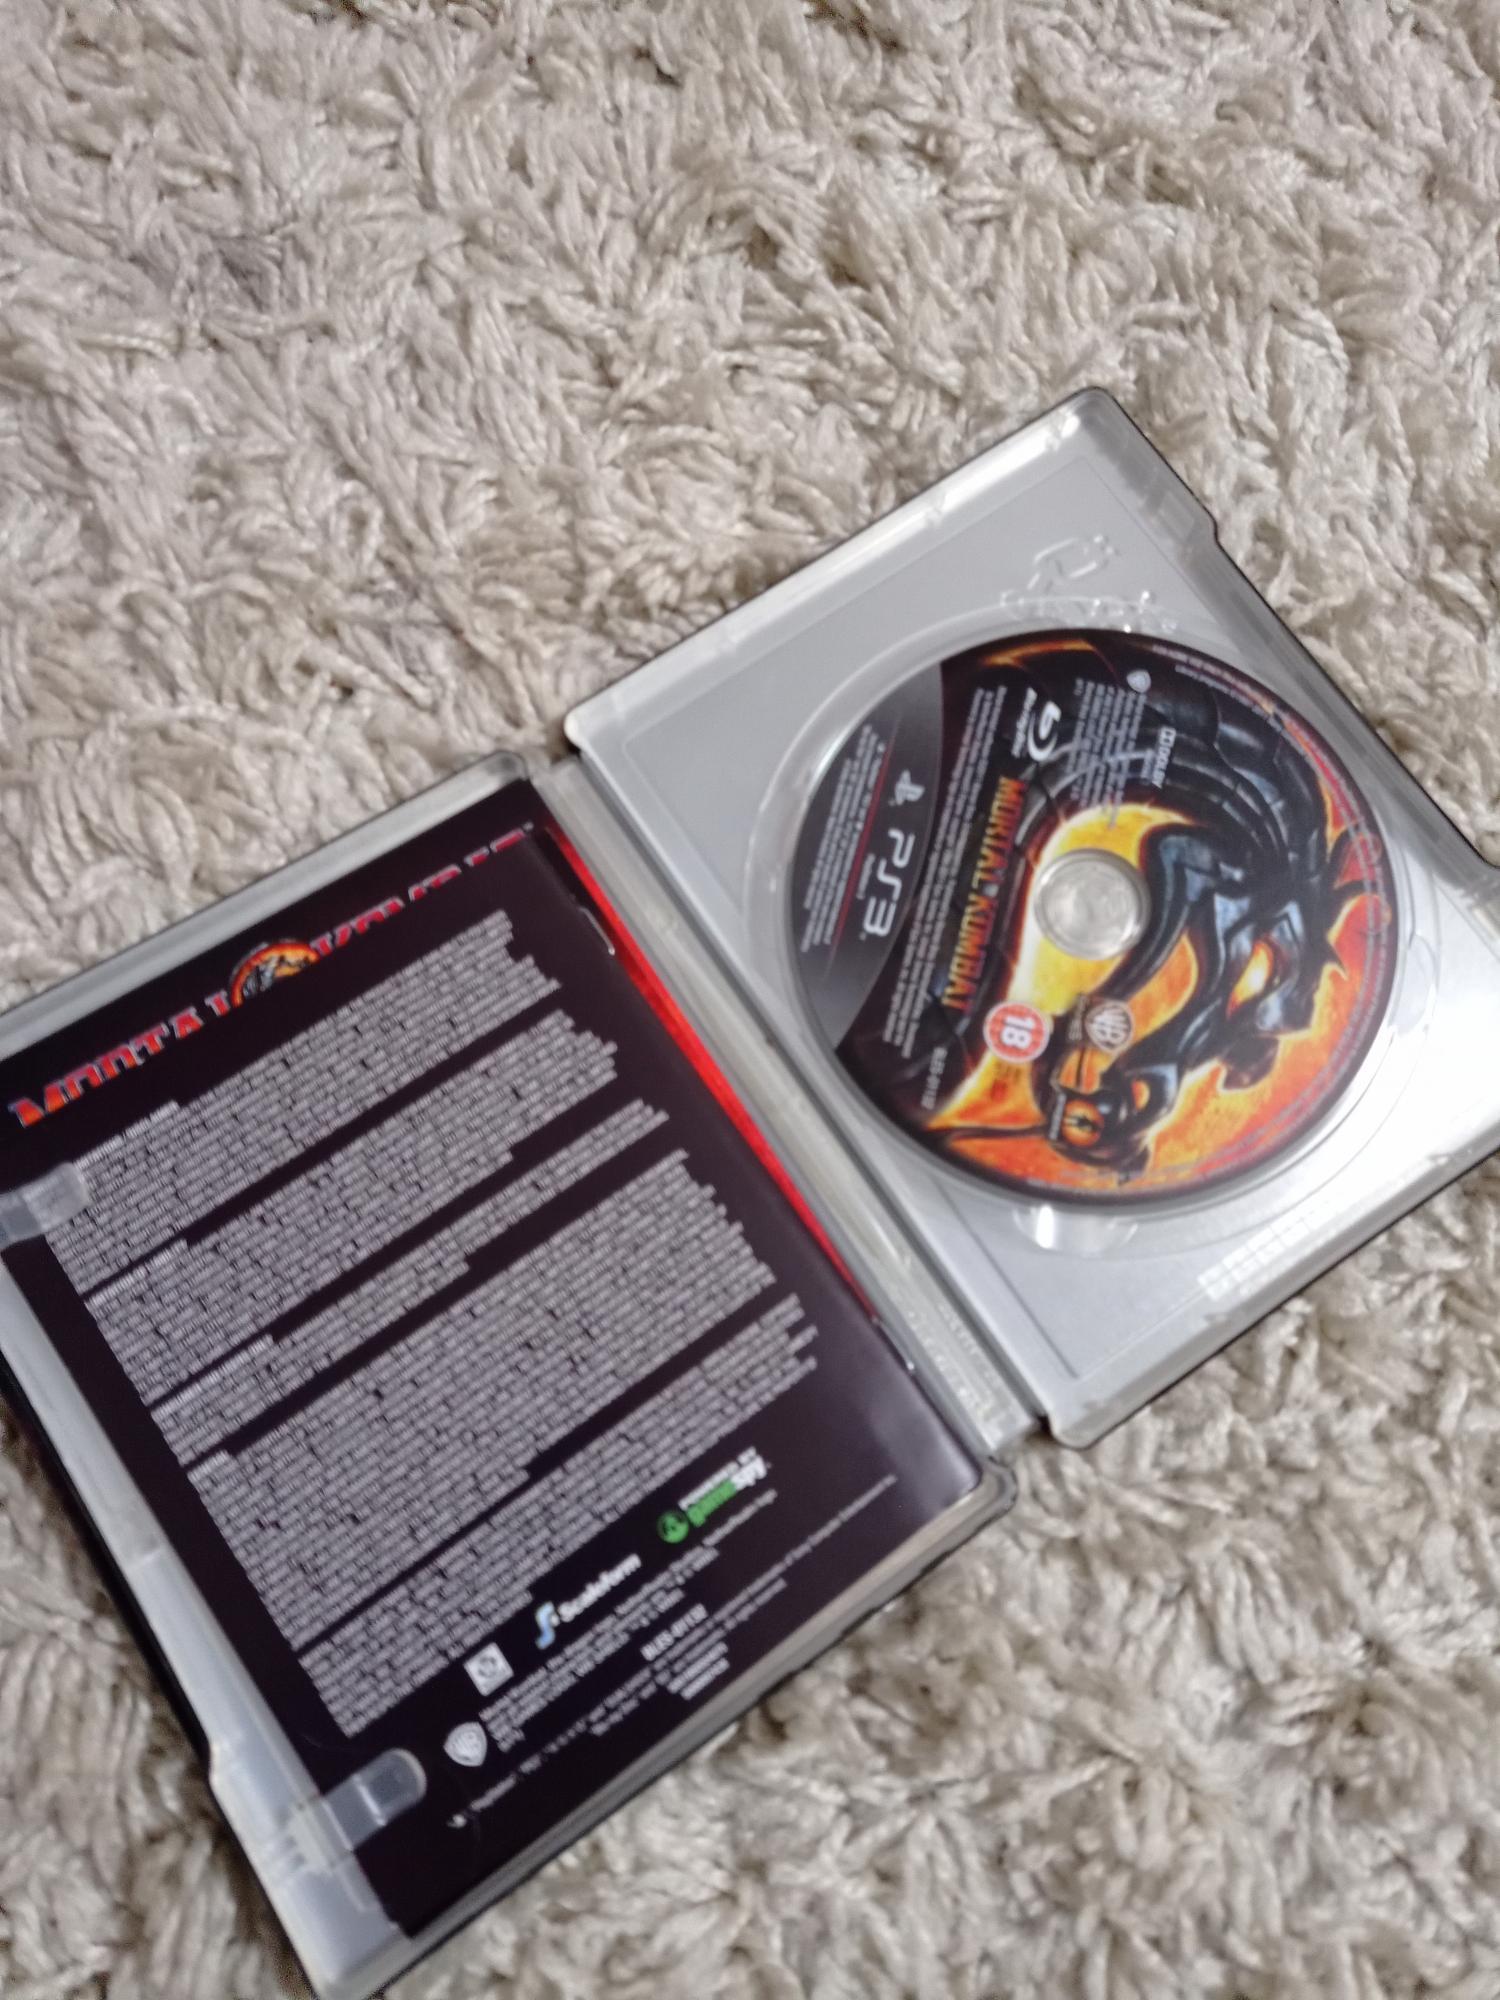 Mortal Kombat 9 коллекционное издание в Одинцово 89777251130 купить 2